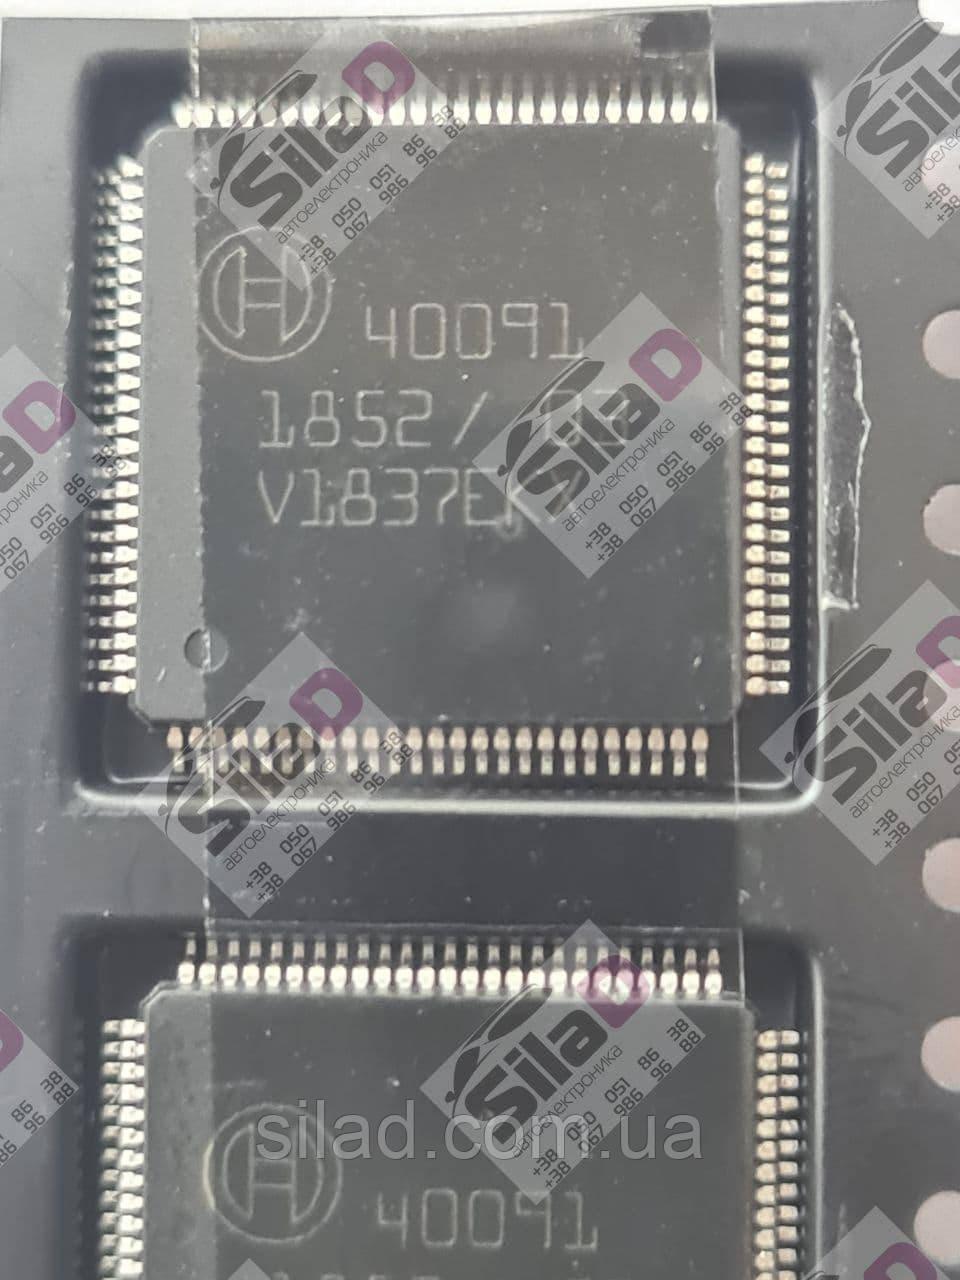 Микросхема Bosch 40091 корпус LQFP100